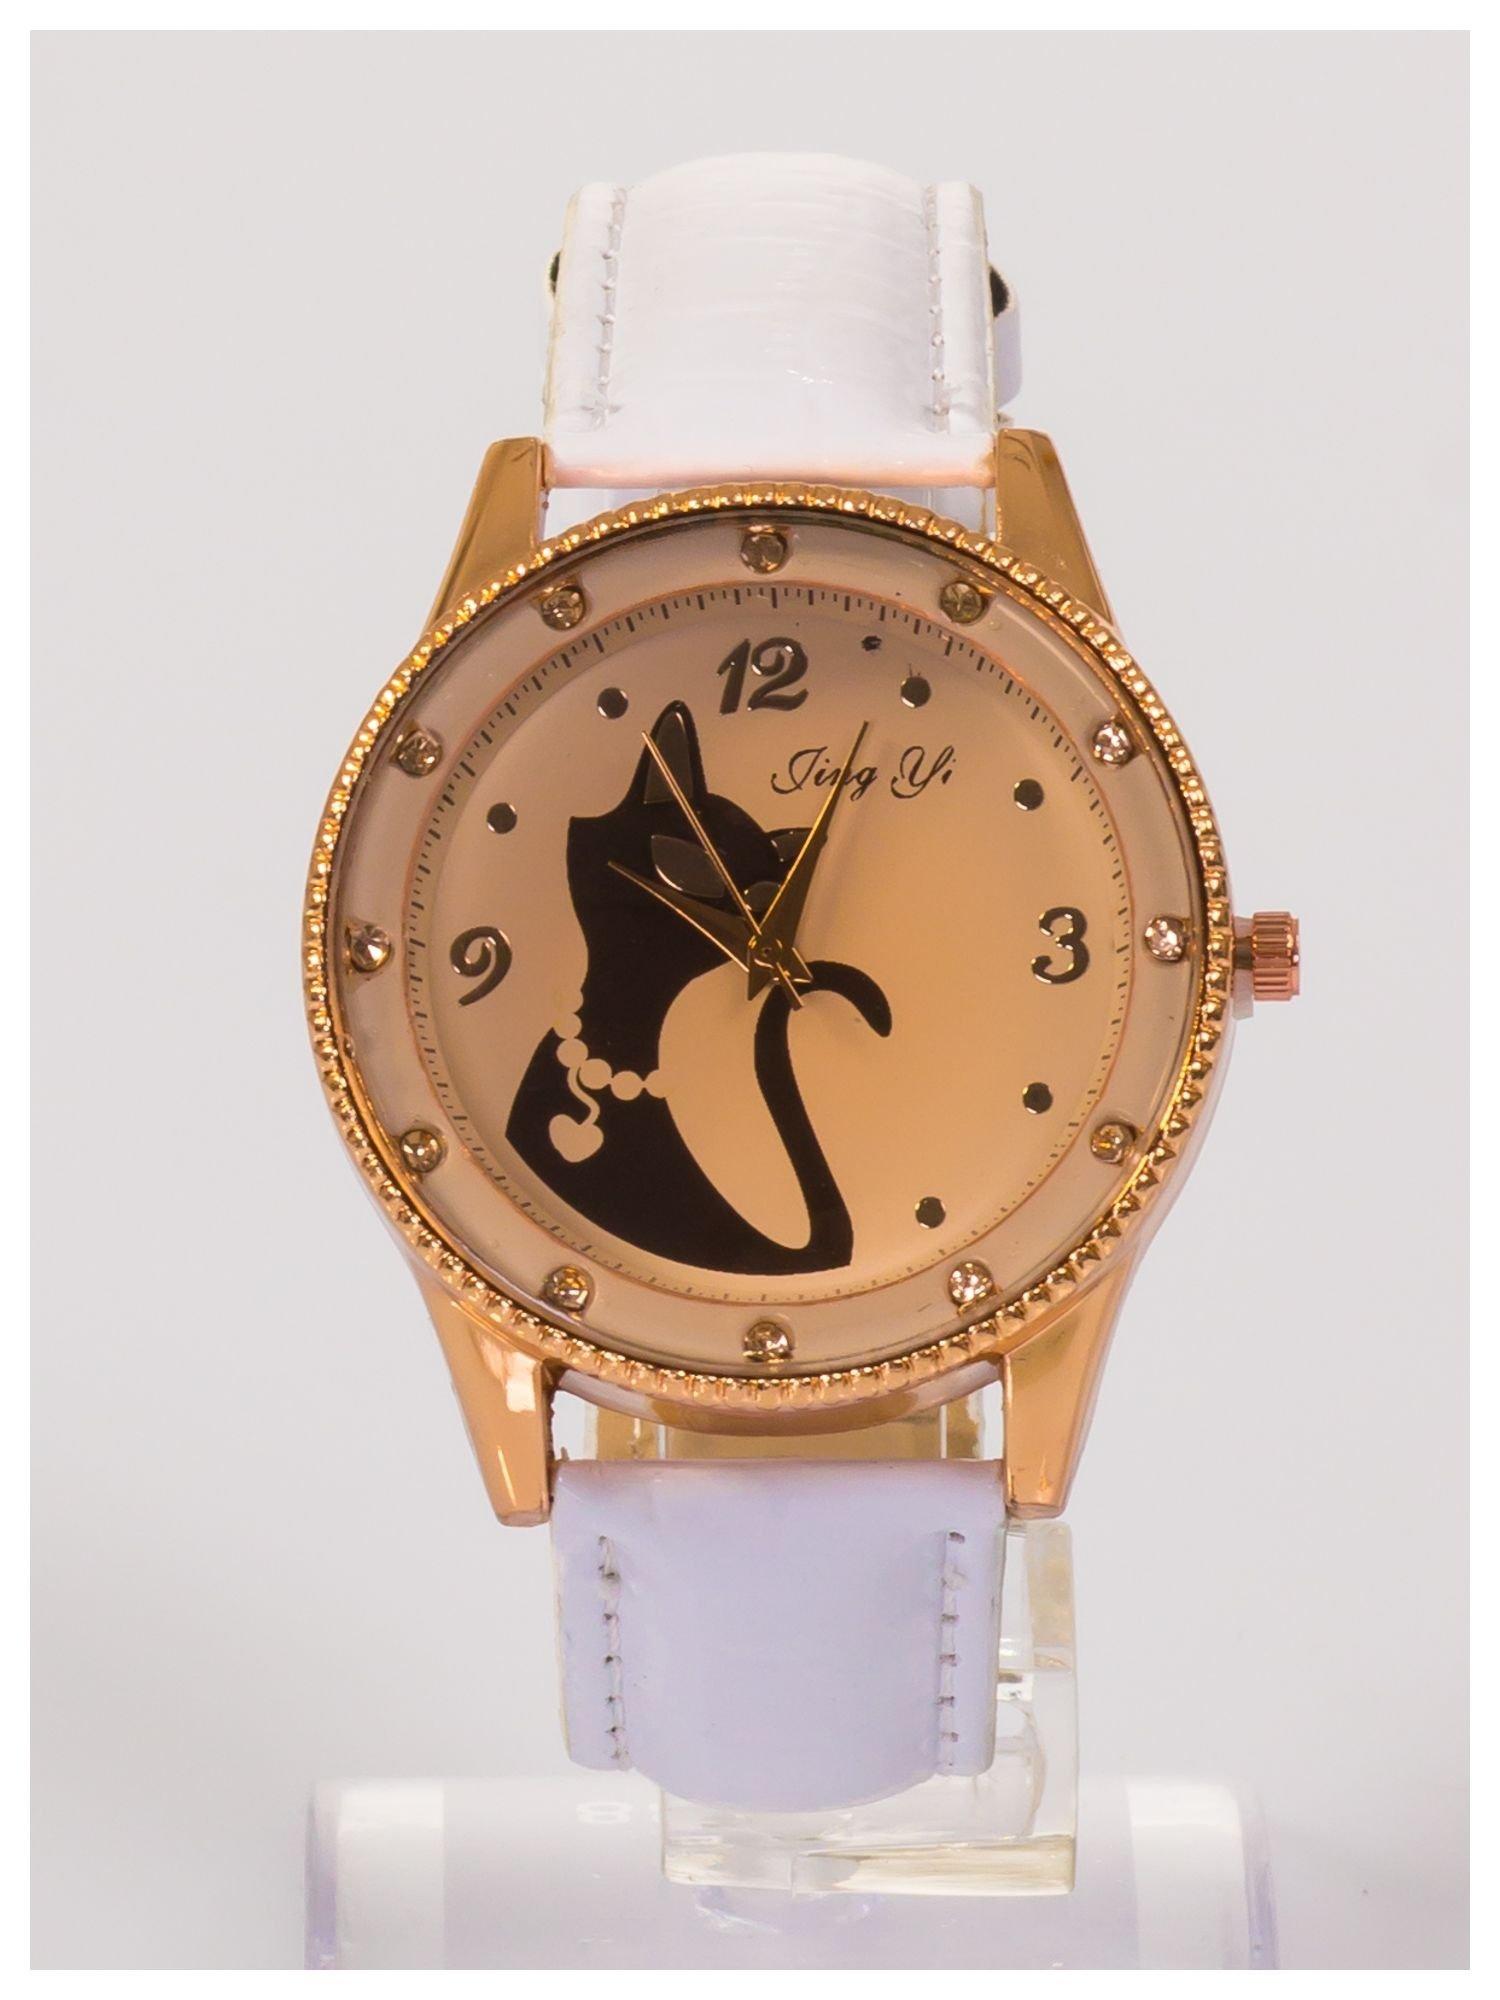 Damski zegarek z cyrkoniami z motywem kotka na tarczy, na lakierowanym białym pasku                                  zdj.                                  1